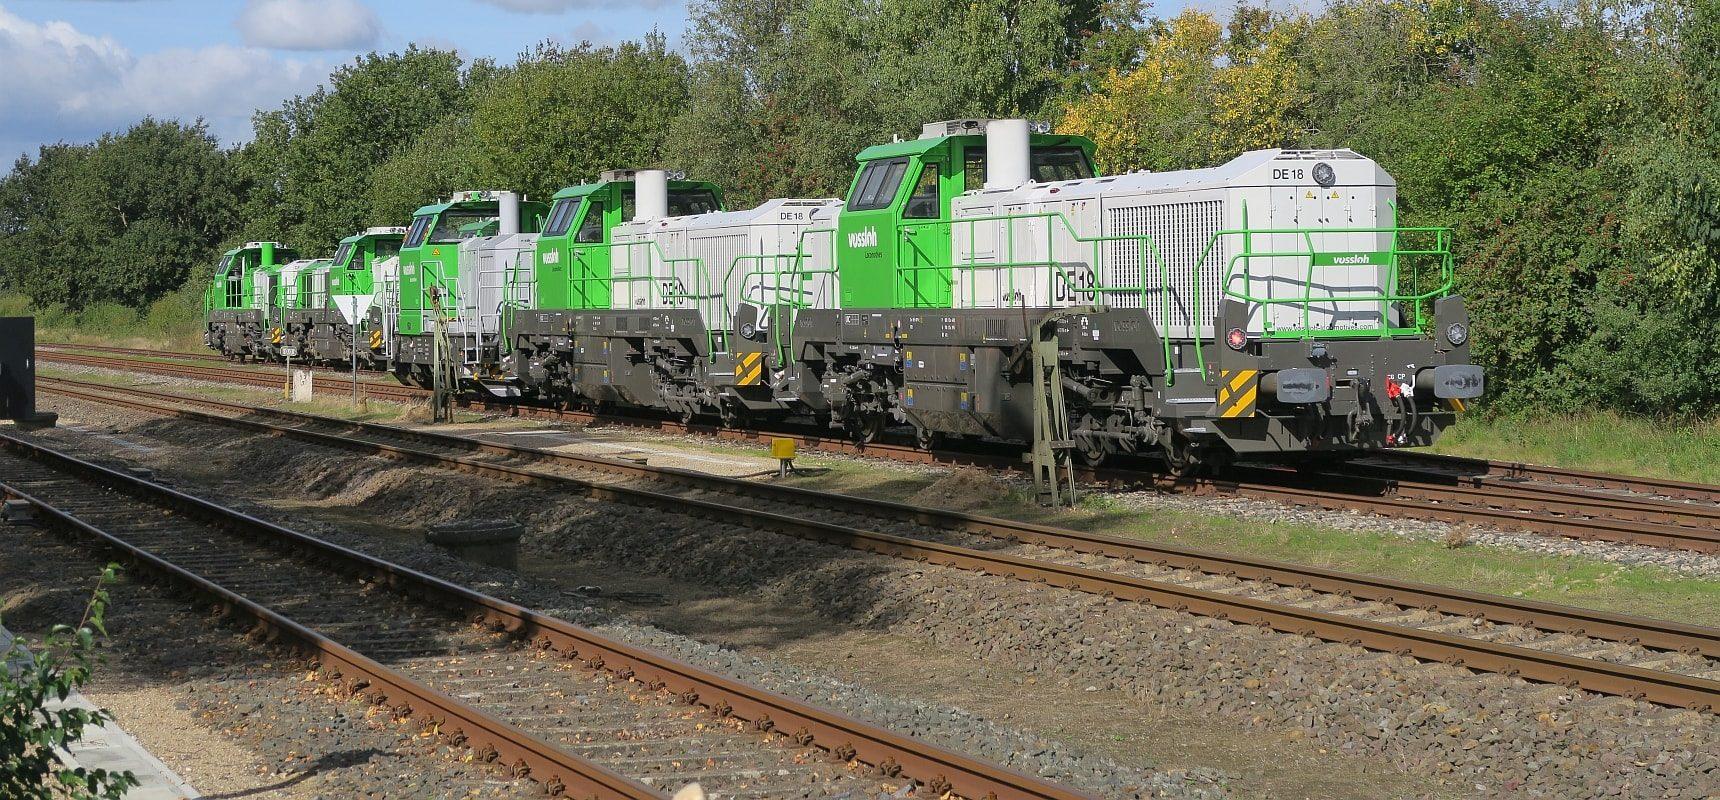 Vossloh DE18-720v2